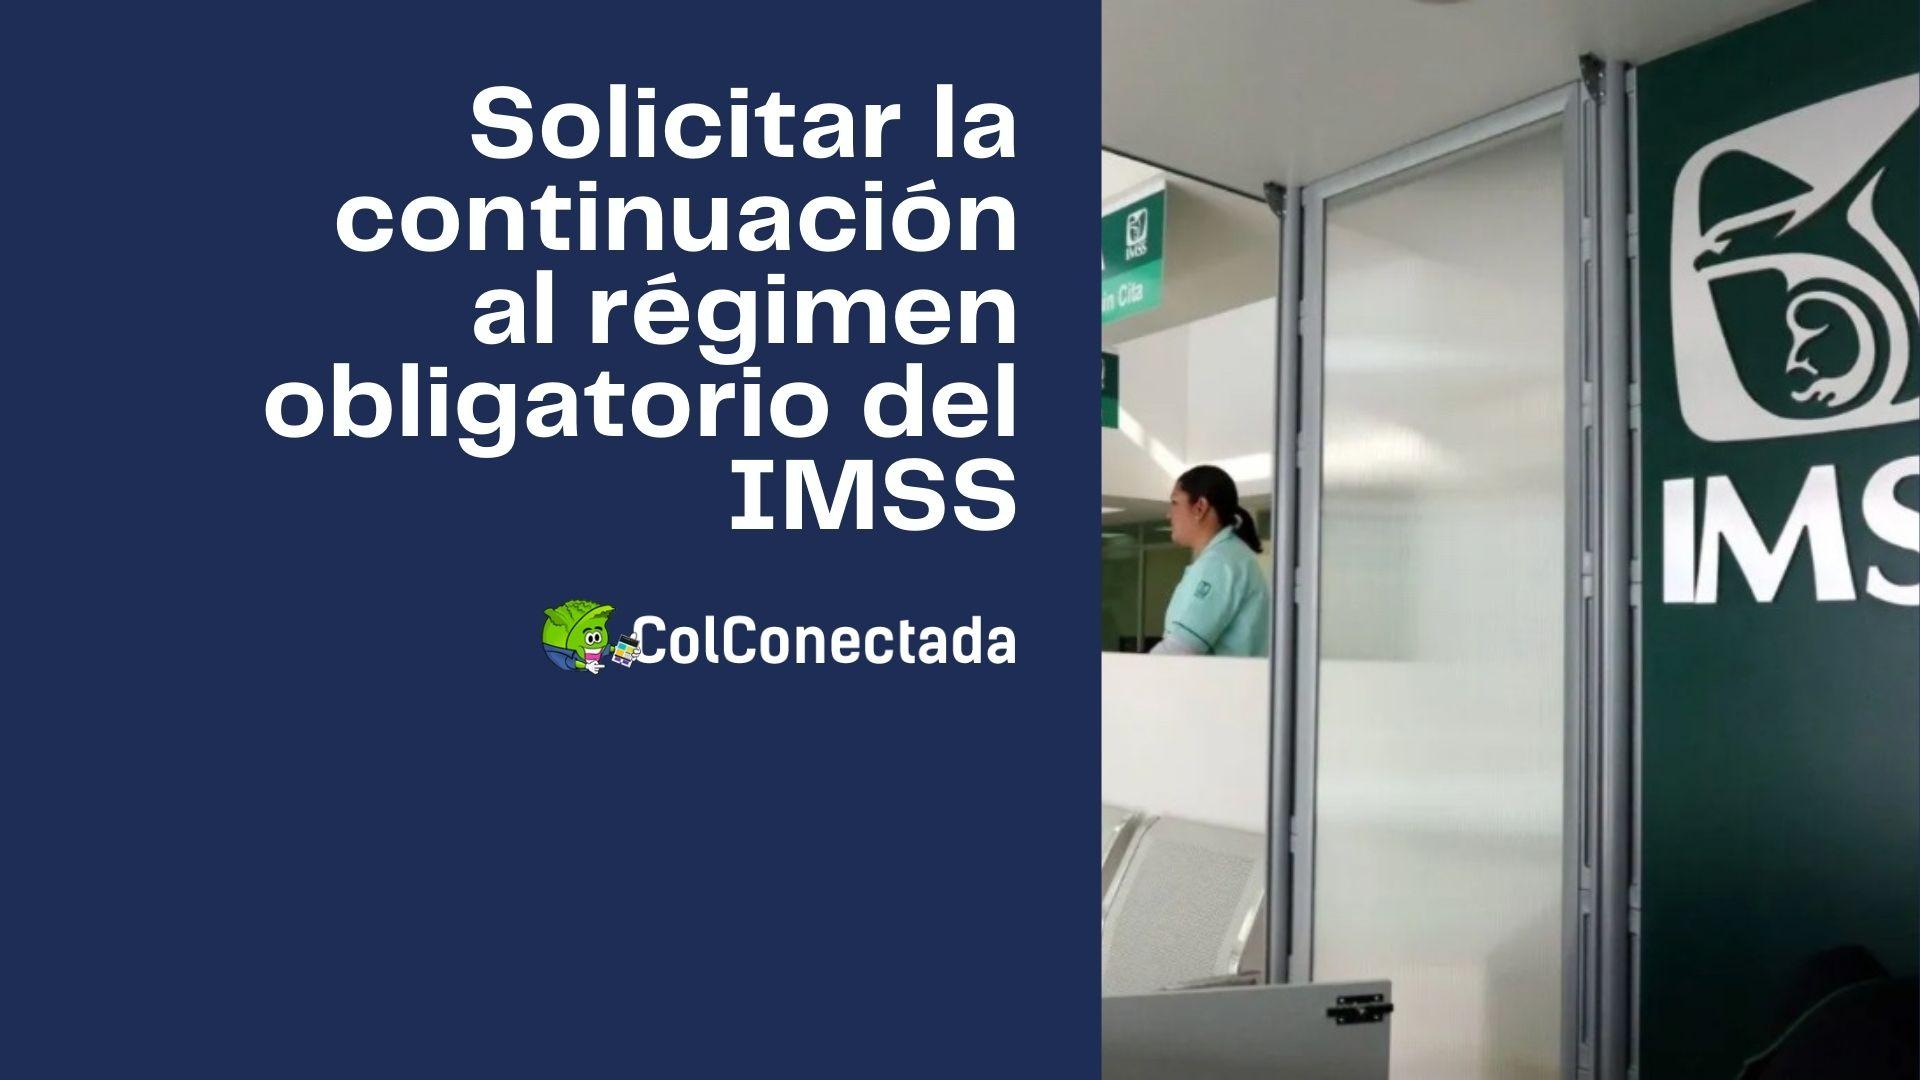 Inscripción voluntaria al régimen obligatorio en el IMSS 1